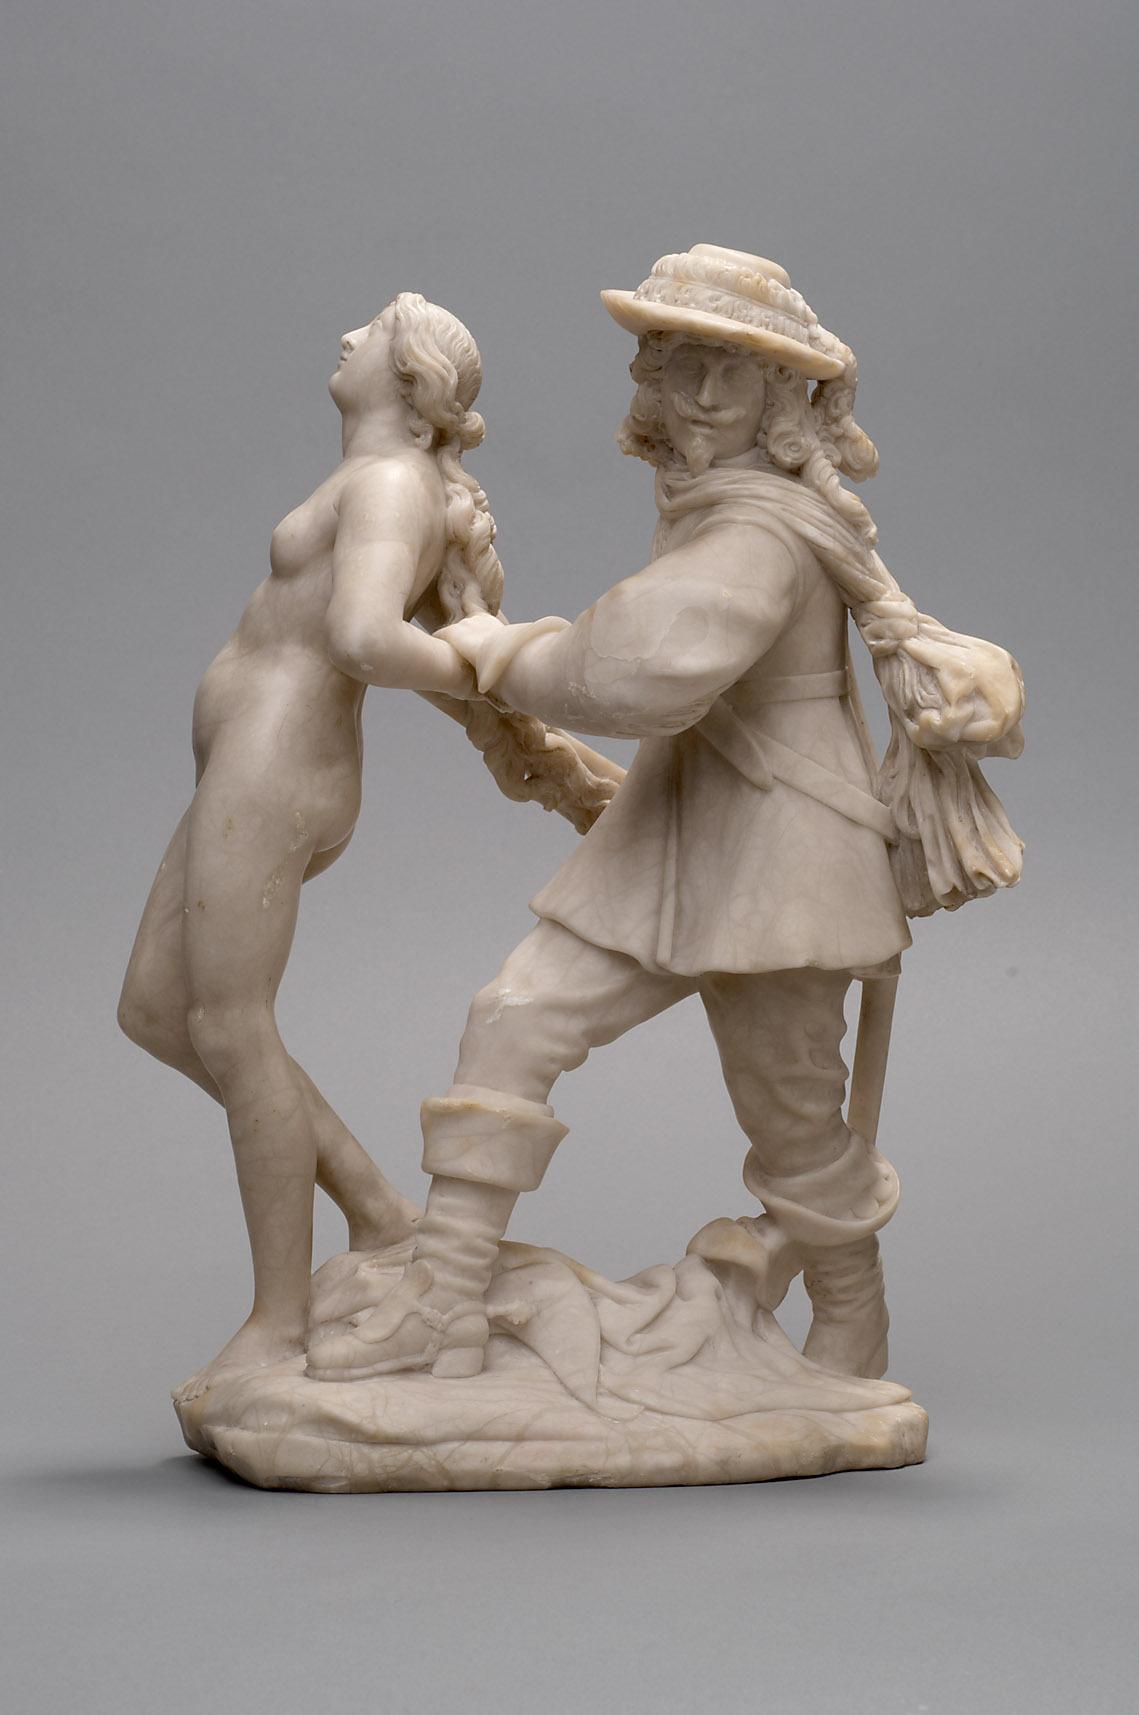 Szene aus dem Dreißigjährigen Krieg von Leonhard Kern